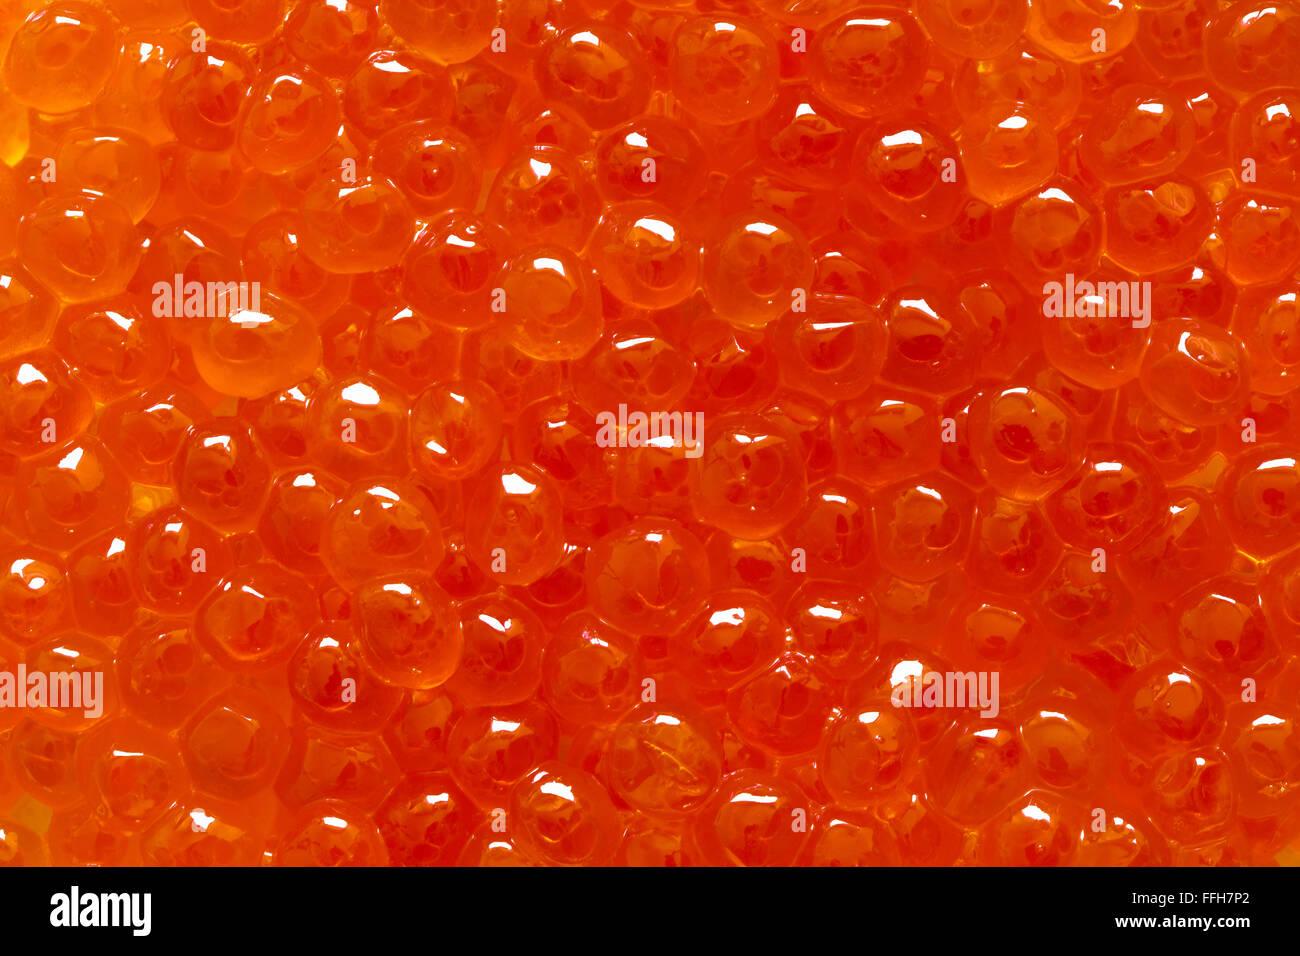 Closeup of red caviar. - Stock Image